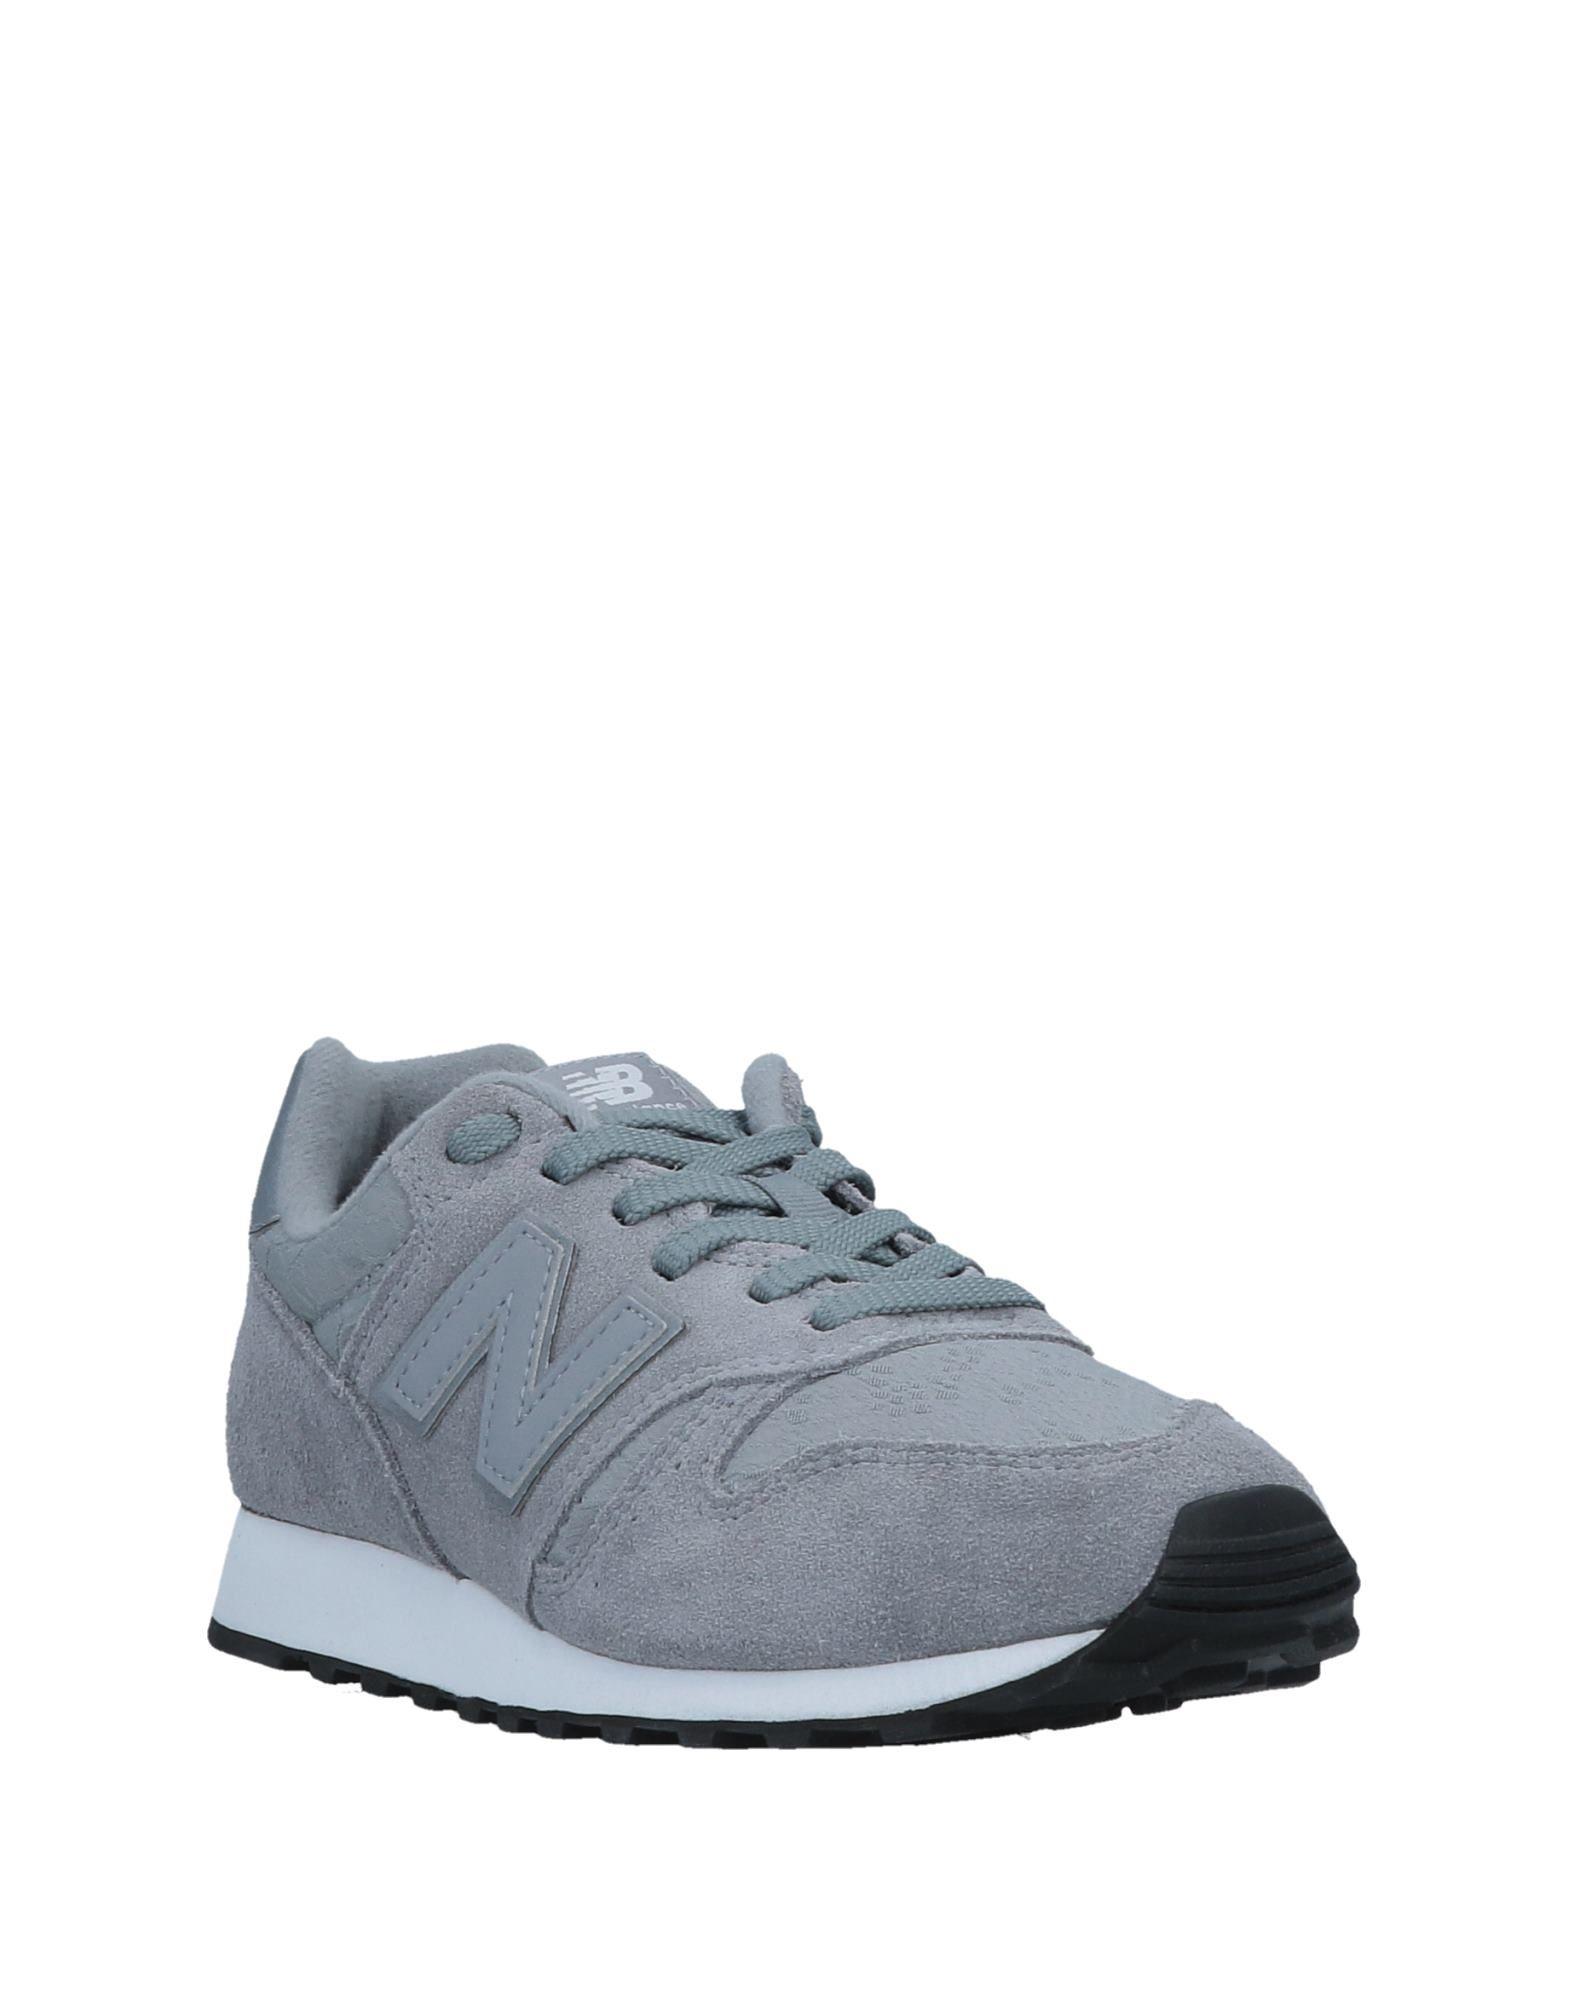 New 11503384FD Balance Sneakers Damen  11503384FD New 474698